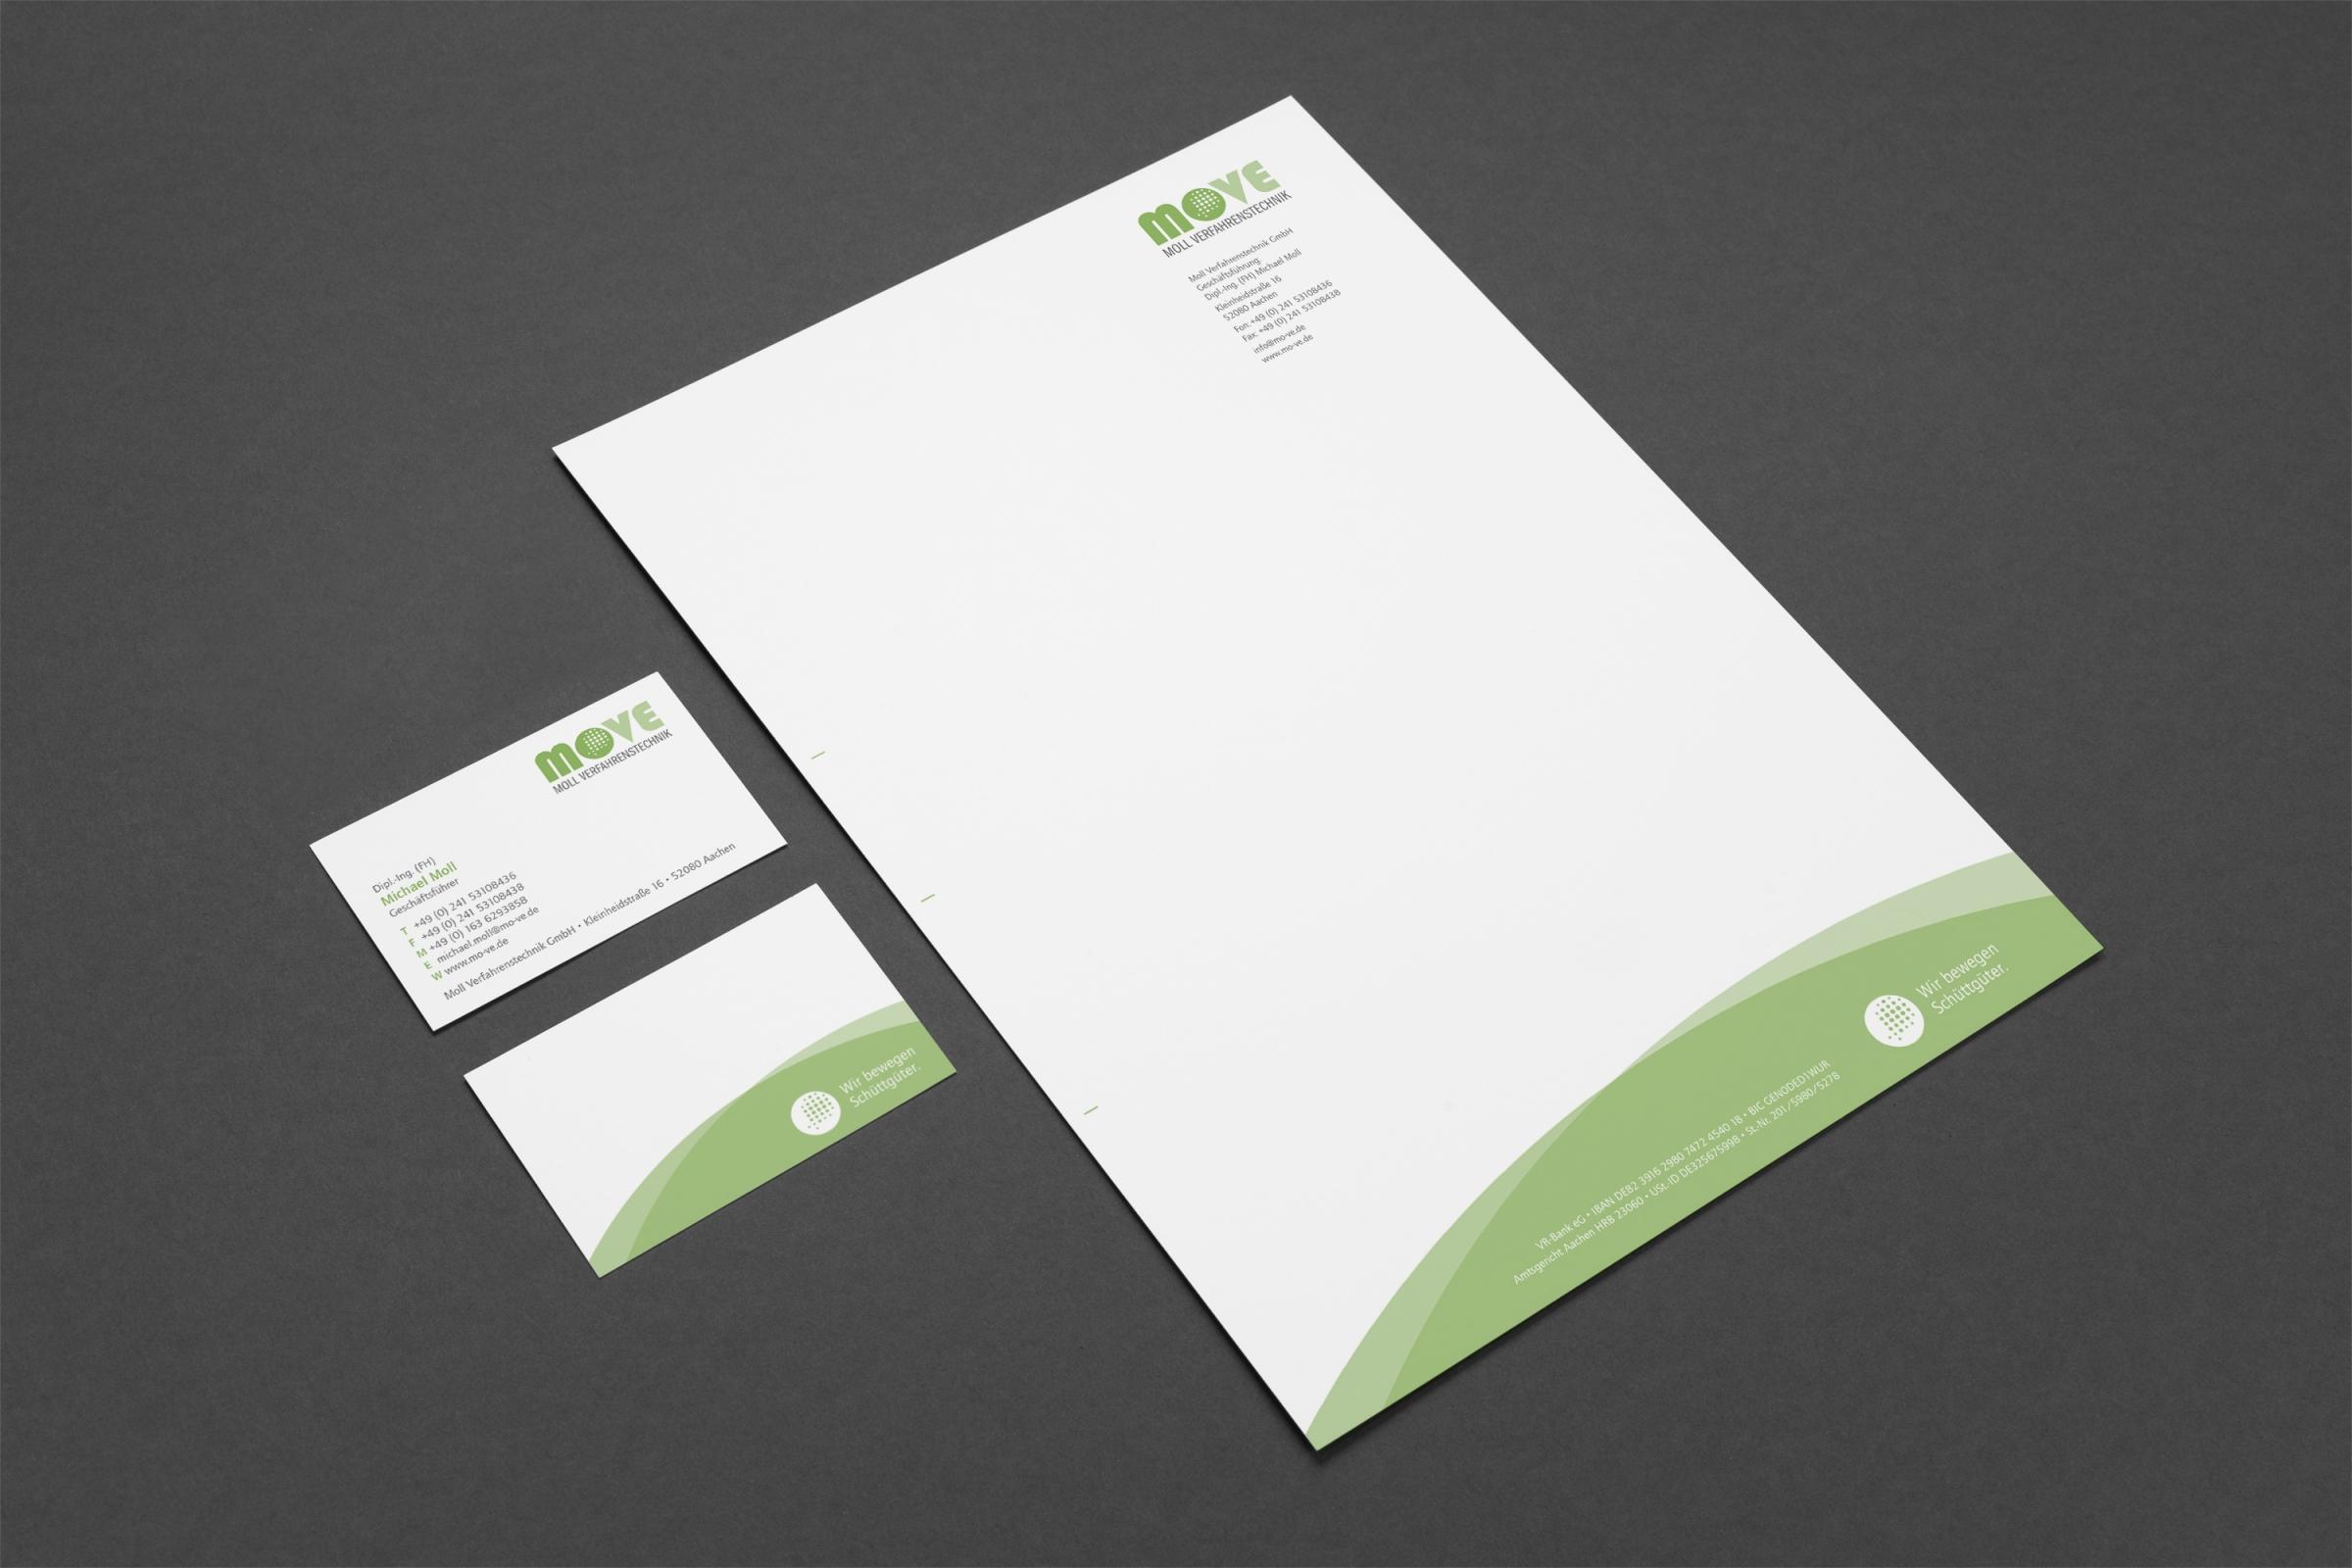 Moll Corporate Design